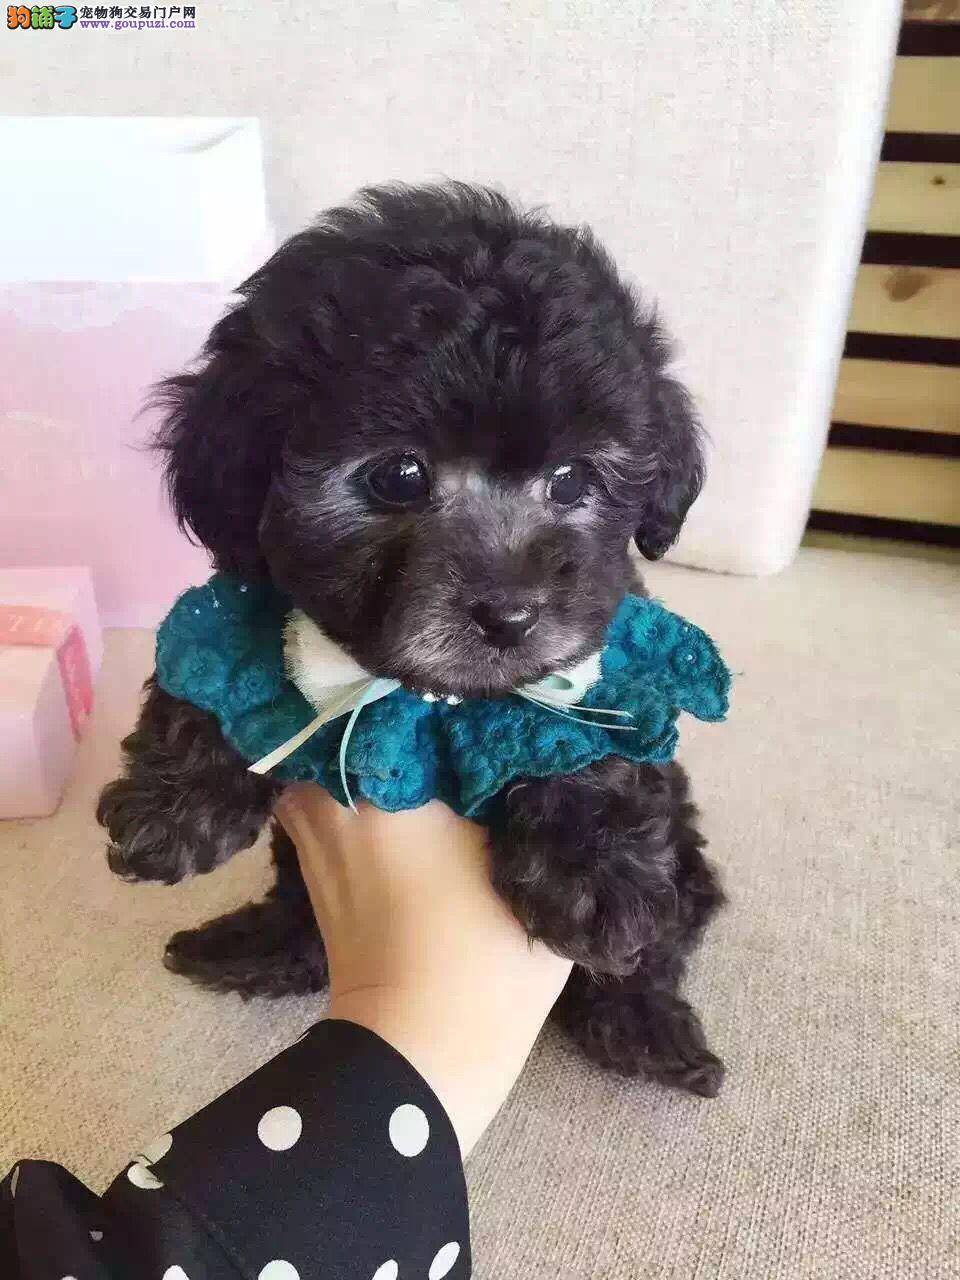 泰迪犬宝宝出售中 注射芯片颁发证书 寻找它的主人3